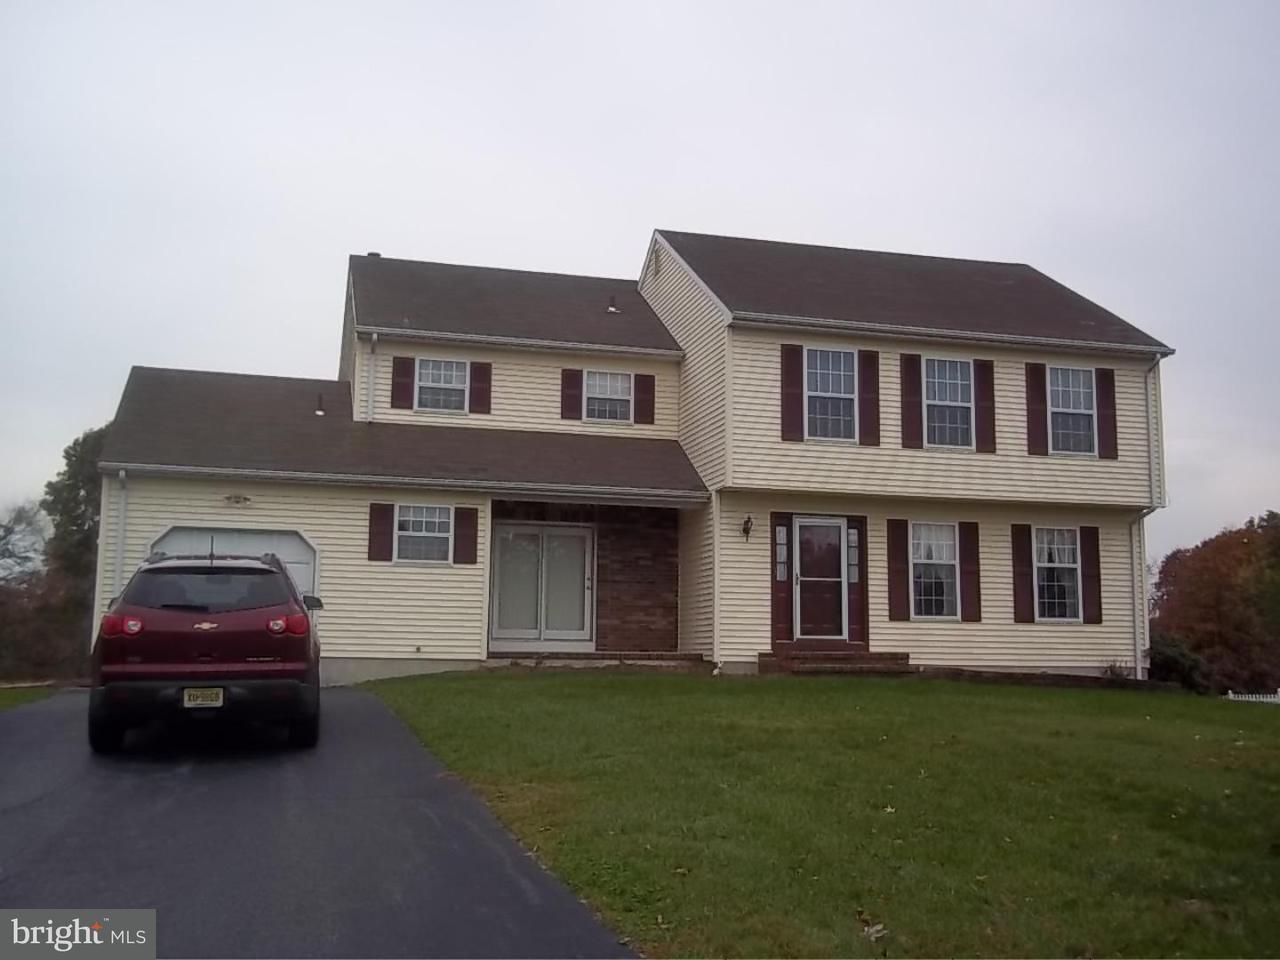 Maison unifamiliale pour l Vente à 15 SPRING HILL Drive Woolwich Township, New Jersey 08085 États-Unis